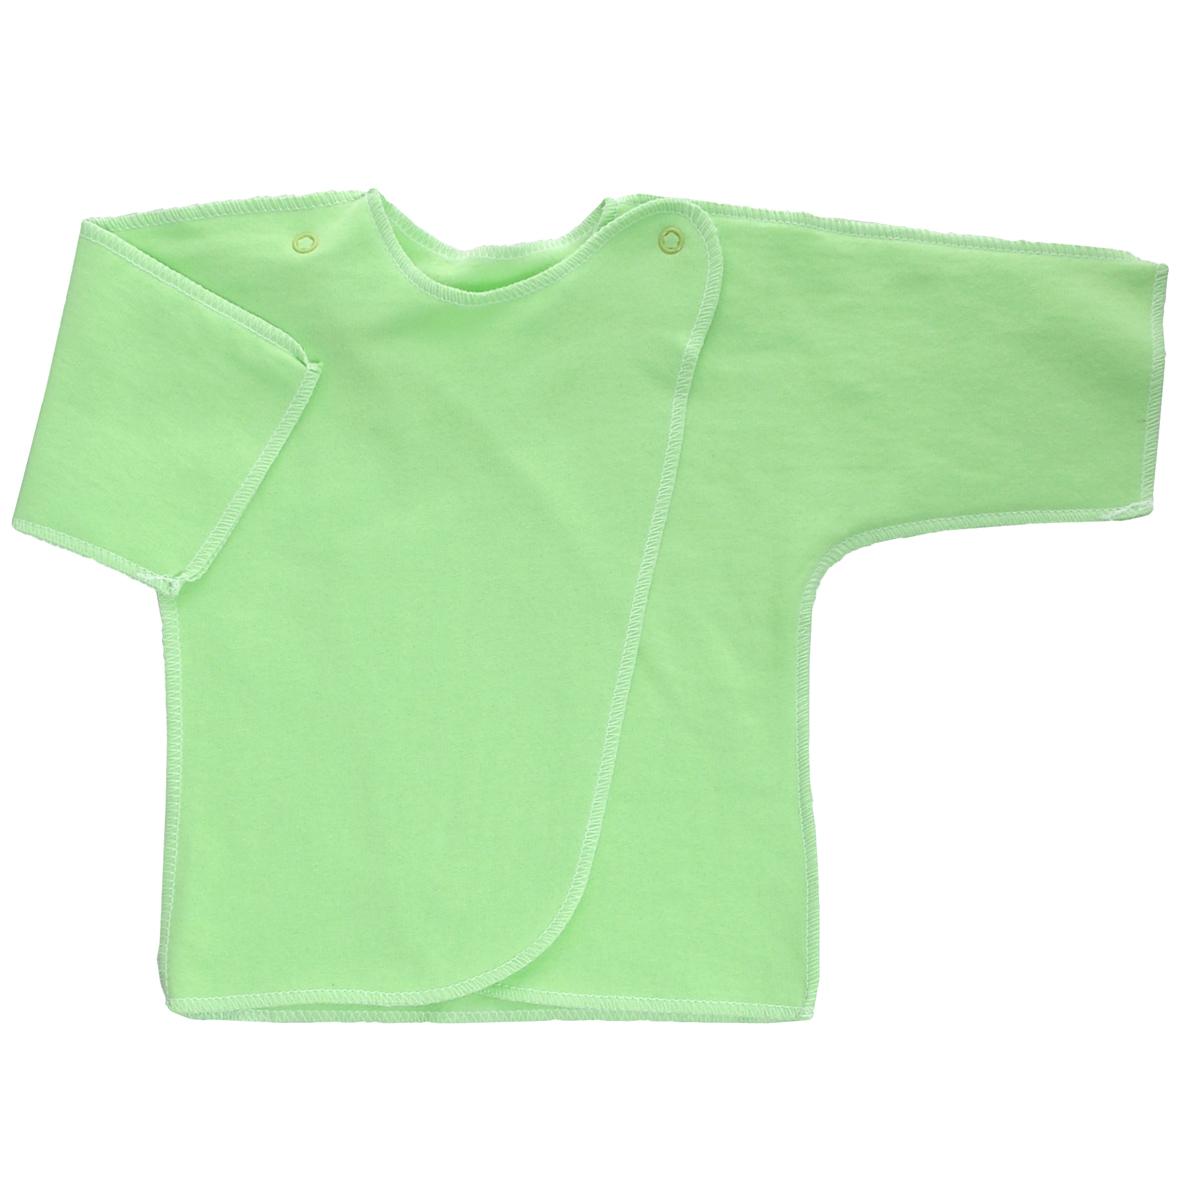 5022Распашонка Трон-плюс послужит идеальным дополнением к гардеробу младенца. Распашонка с рукавами-кимоно, выполненная швами наружу, изготовлена из футера - натурального хлопка, благодаря чему она необычайно мягкая и легкая, не раздражает нежную кожу ребенка и хорошо вентилируется, а эластичные швы приятны телу малыша и не препятствуют его движениям. Распашонка с запахом, застегивается при помощи двух кнопок на плечах, которые позволяют без труда переодеть ребенка. Распашонка полностью соответствует особенностям жизни ребенка в ранний период, не стесняя и не ограничивая его в движениях.